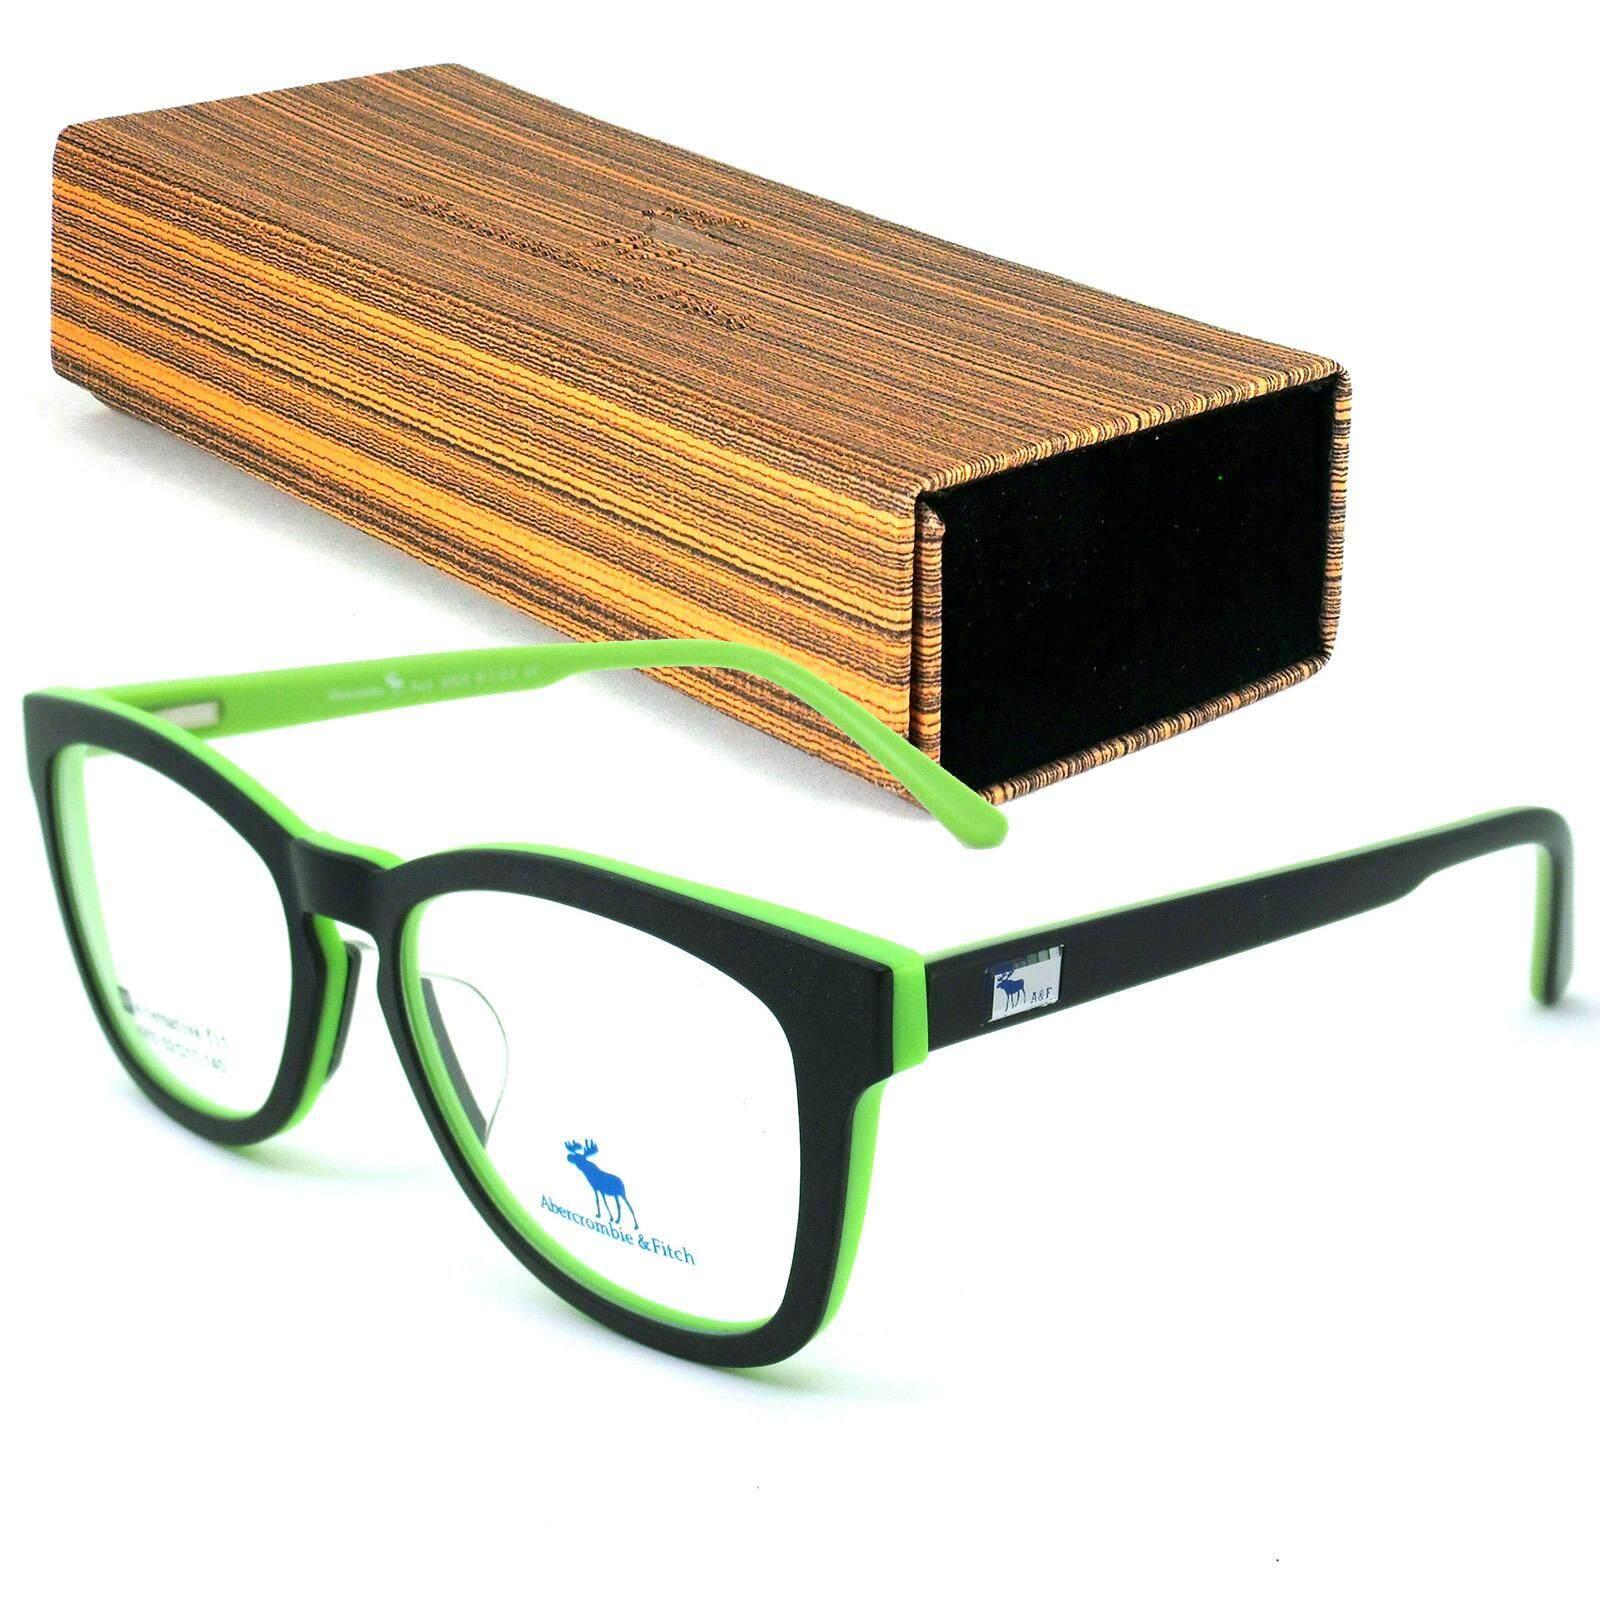 Abercrombie & Fitch แว่นตา รุ่น 8903 กรอบแว่นตา ( สำหรับตัดเลนส์ ) MADE IN U.S.A แป้นจมูกซิลิโคน ( ขาสปริง ) กรอบแว่นตา EyewearTop Glasses